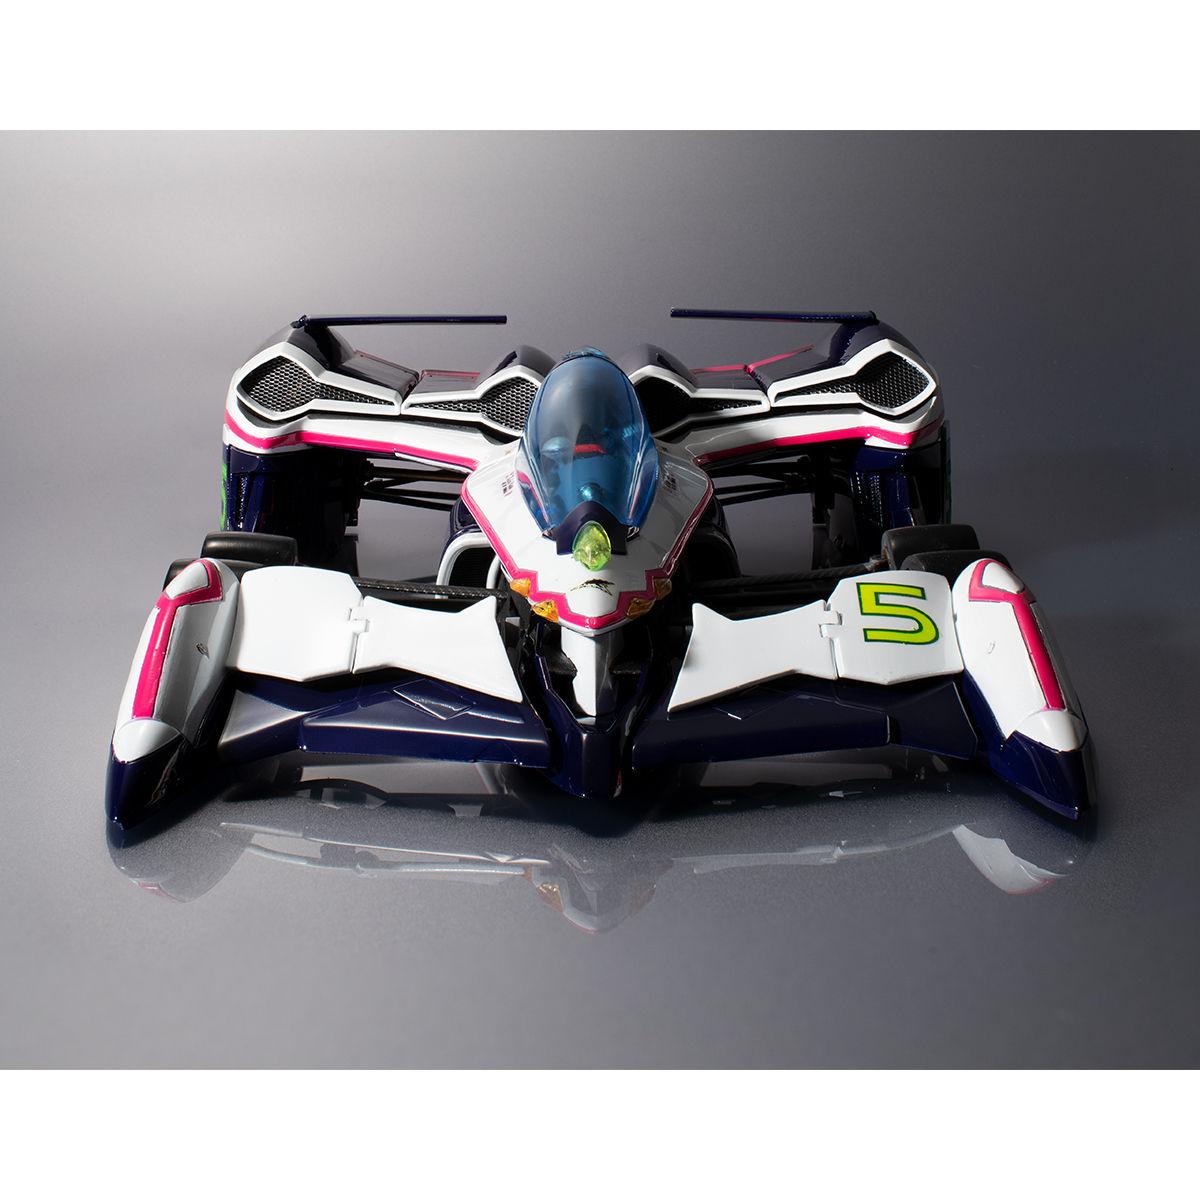 ヴァリアブルアクション Hi-SPEC『凰呀 AN-21』新世紀GPXサイバーフォーミュラ 1/18 可動モデル-002